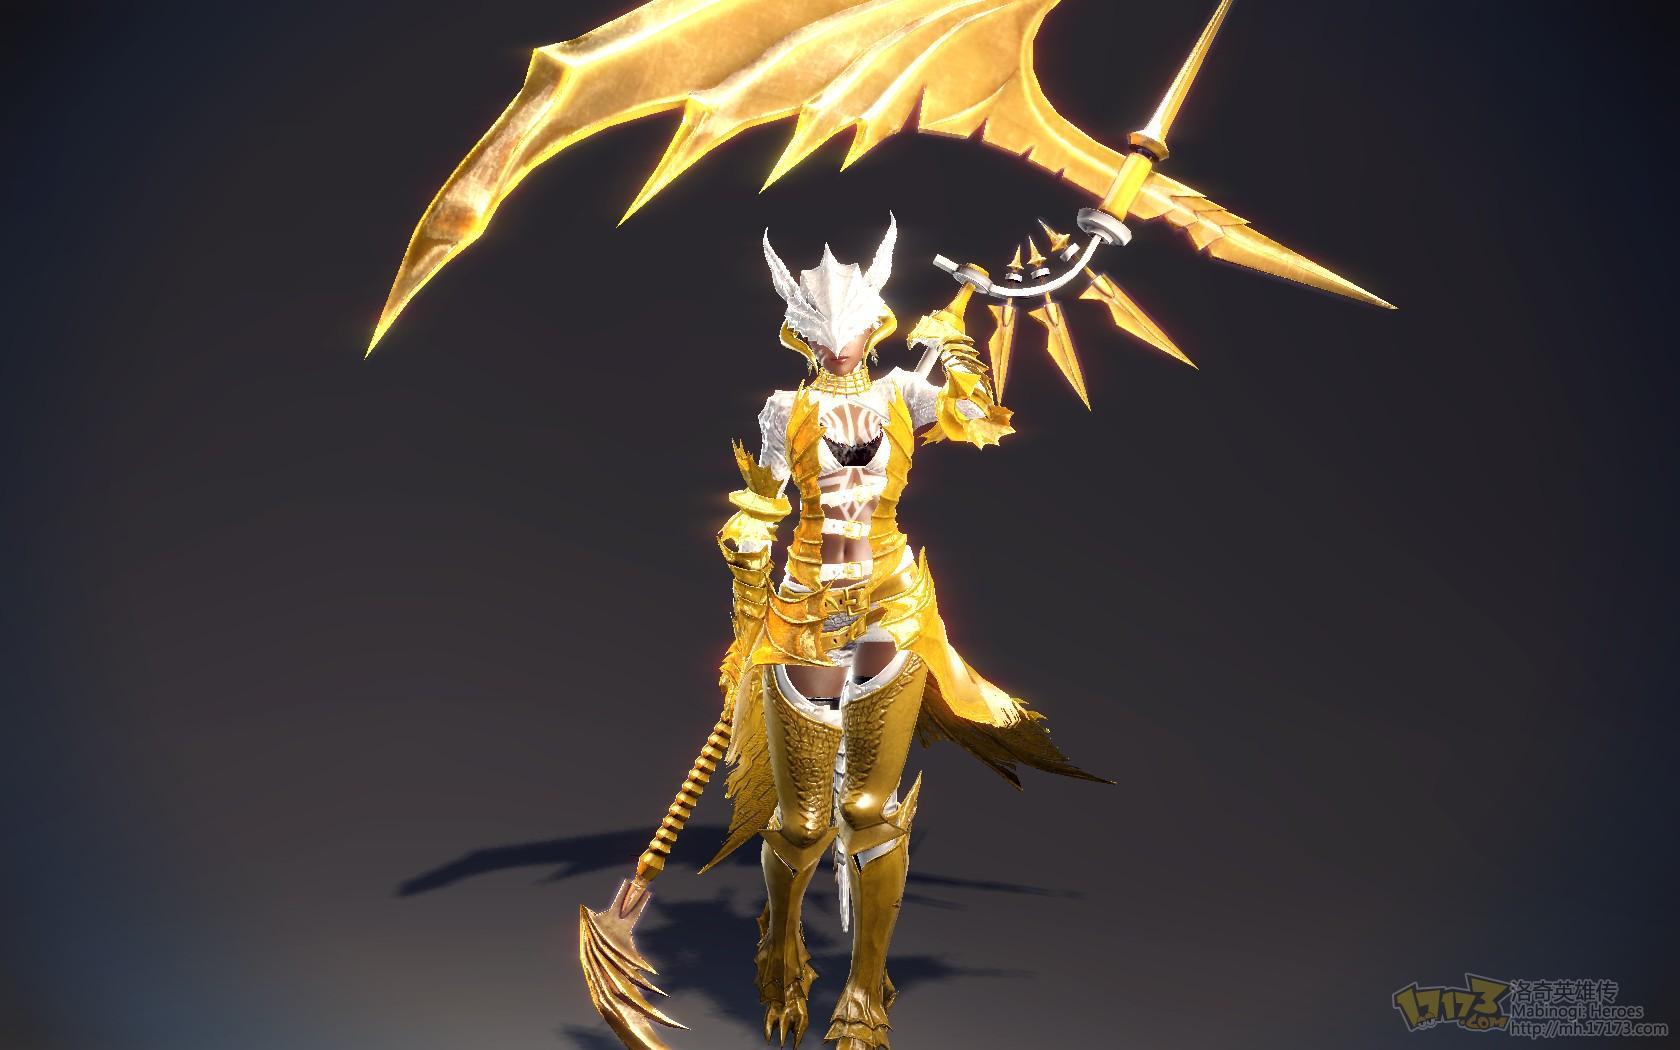 金甲之神伊菲金黄色捍卫者套装展示